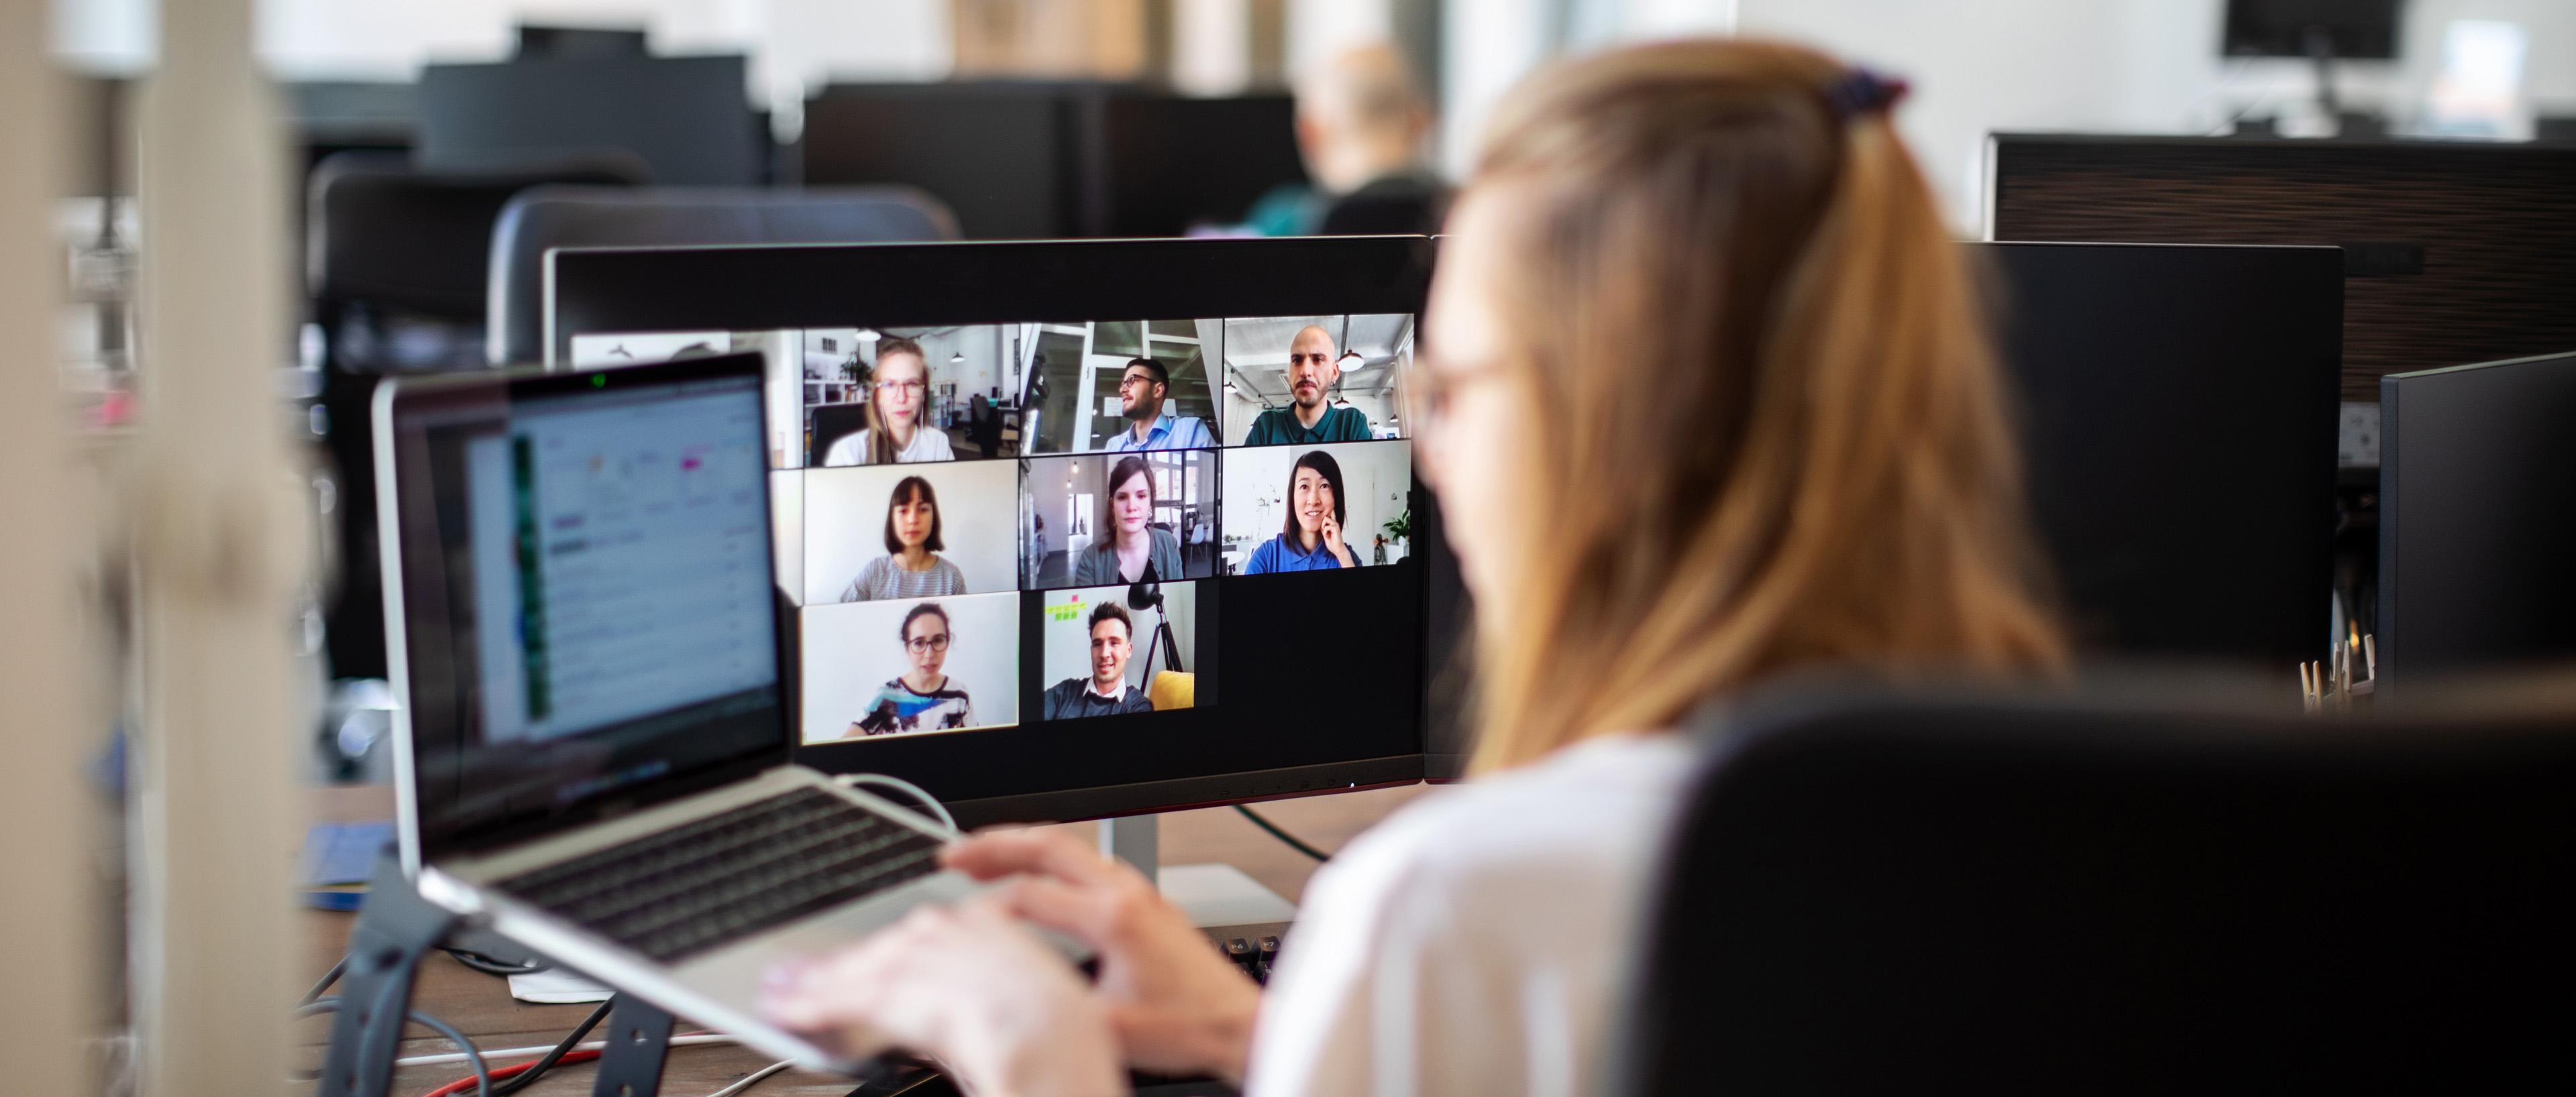 Mujer en videoconferencia con los miembros del equipo en la oficina